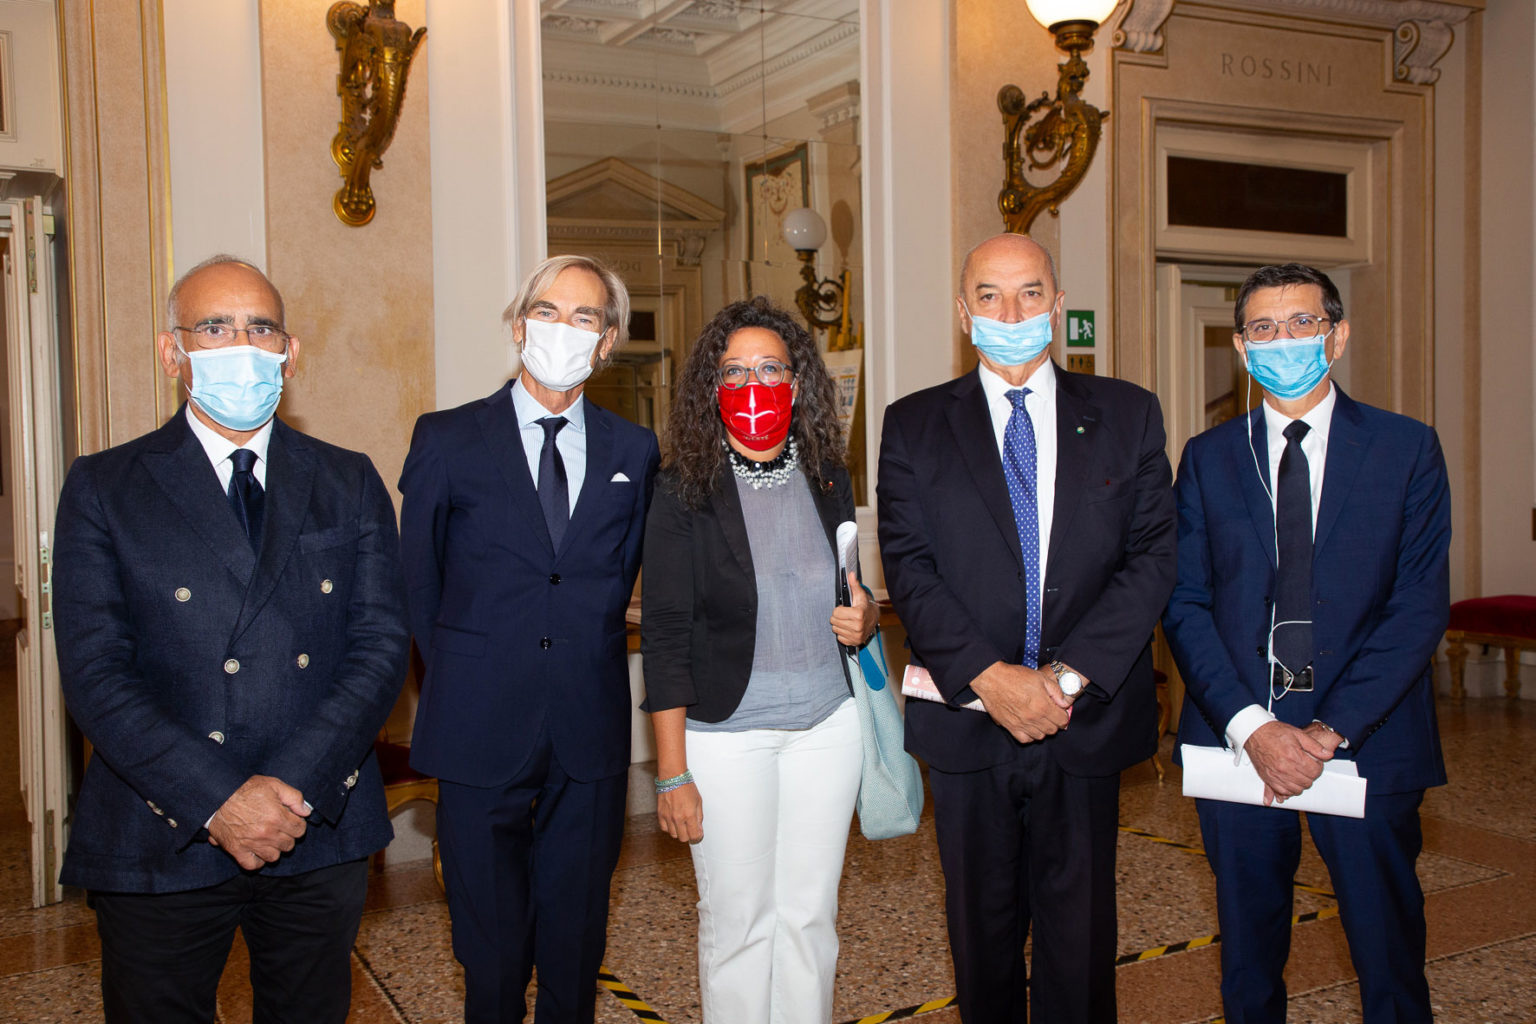 le autorità di Trieste foto F. Parenzan